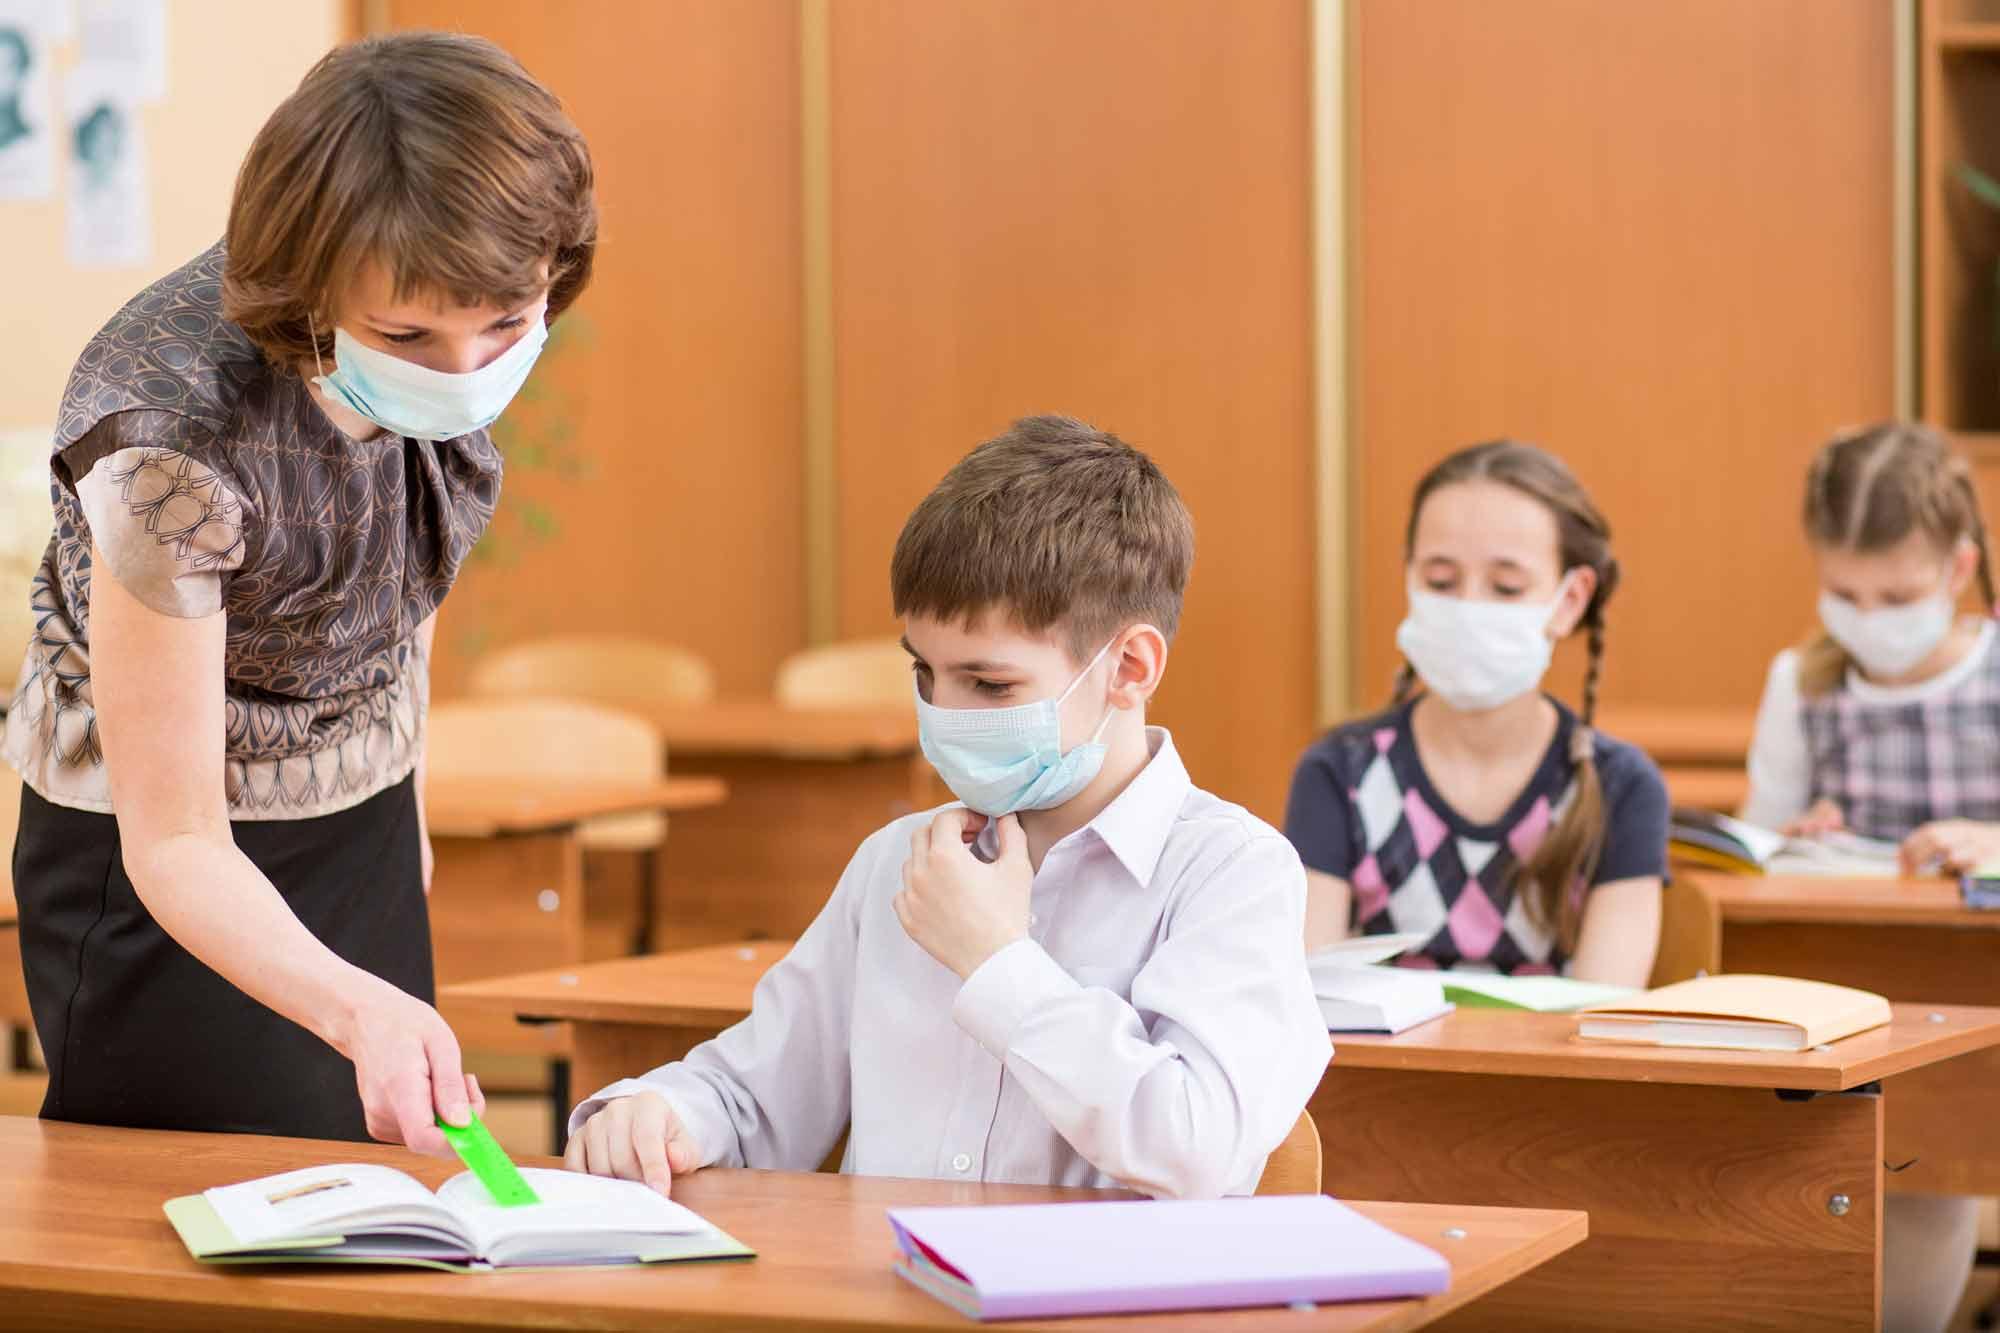 maestro enmascarado y estudiantes en el aula de la escuela